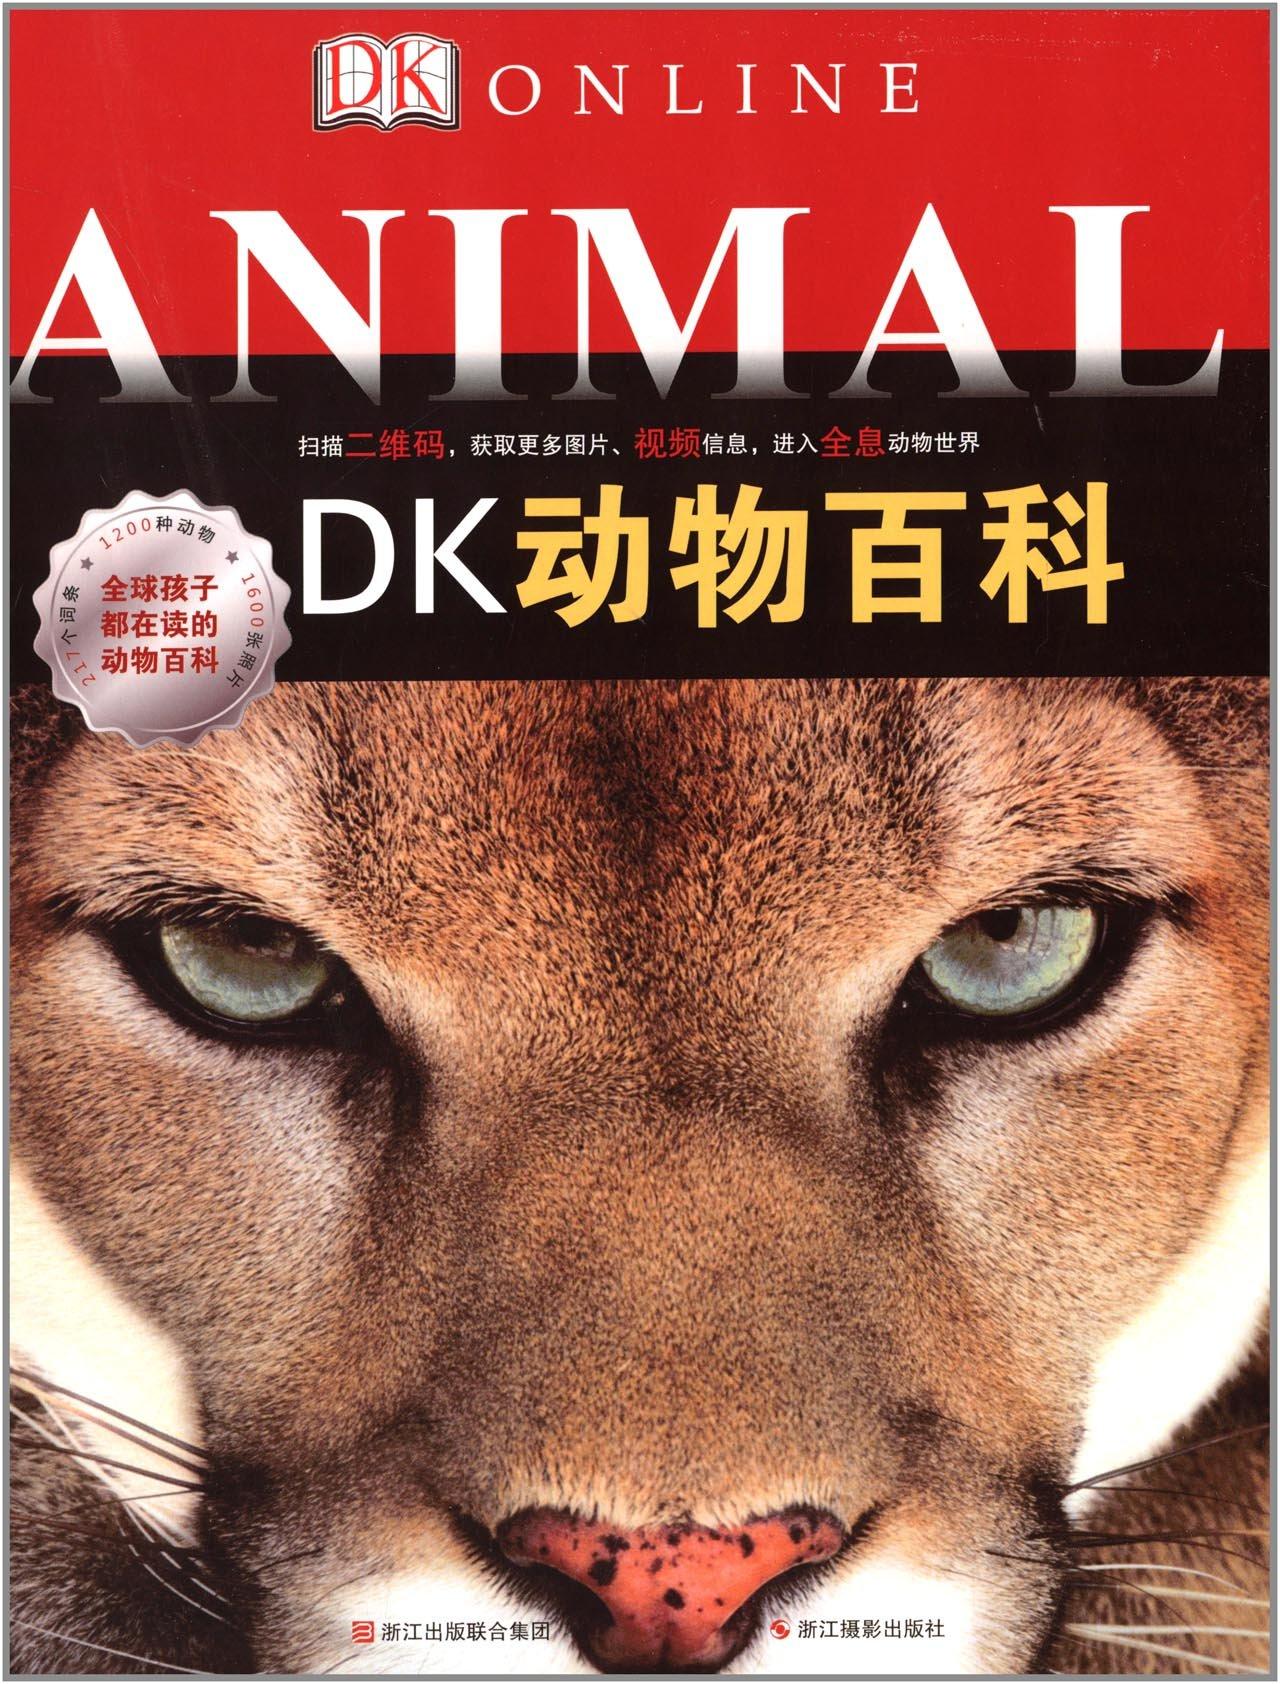 DK动物百科.jpg